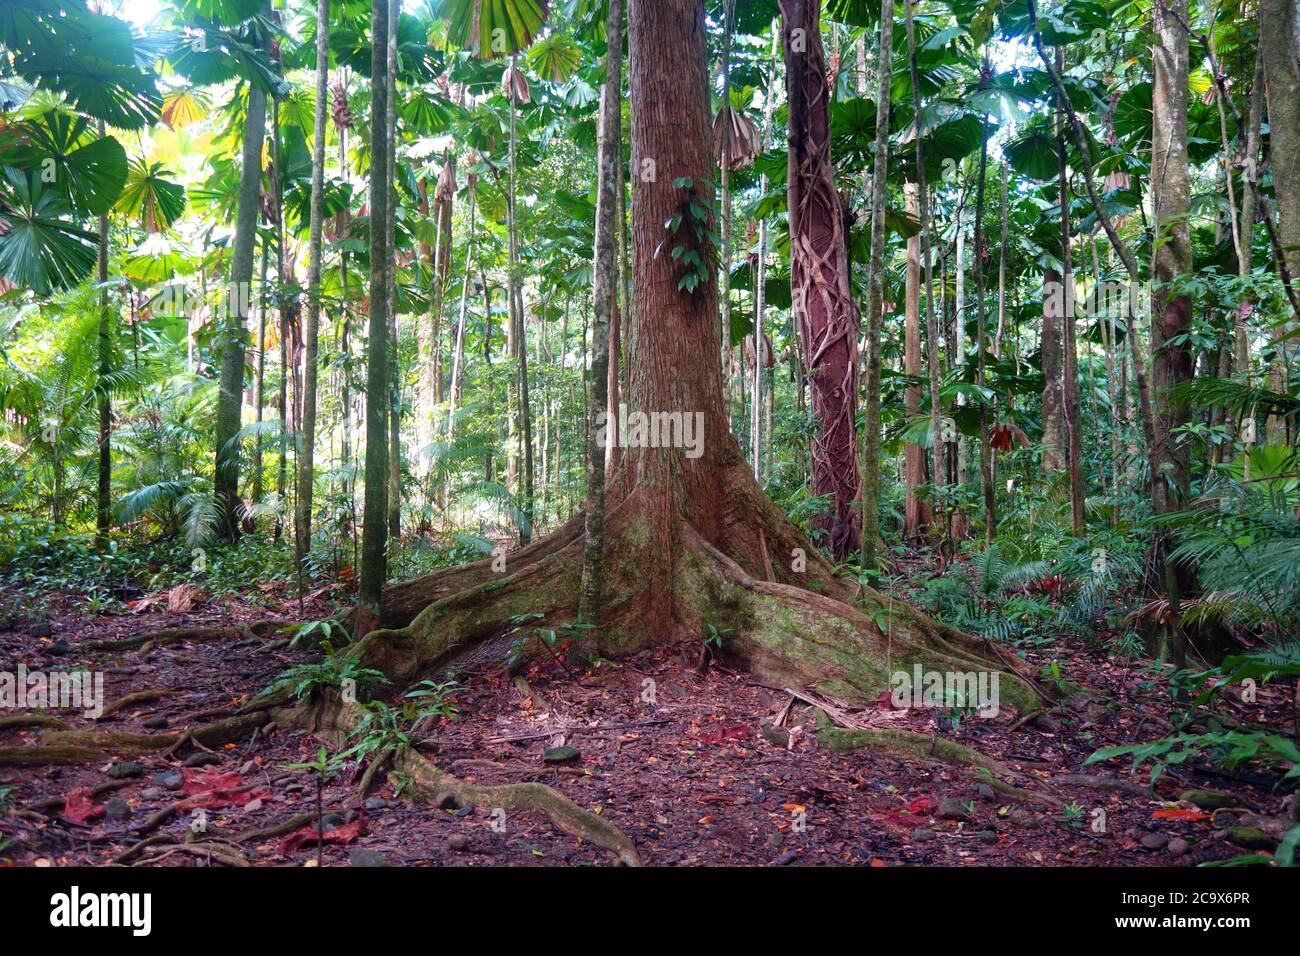 Rainforest floor, Cooper Creek wilderness, Daintree National Park, Queensland, Australia Stock Photo